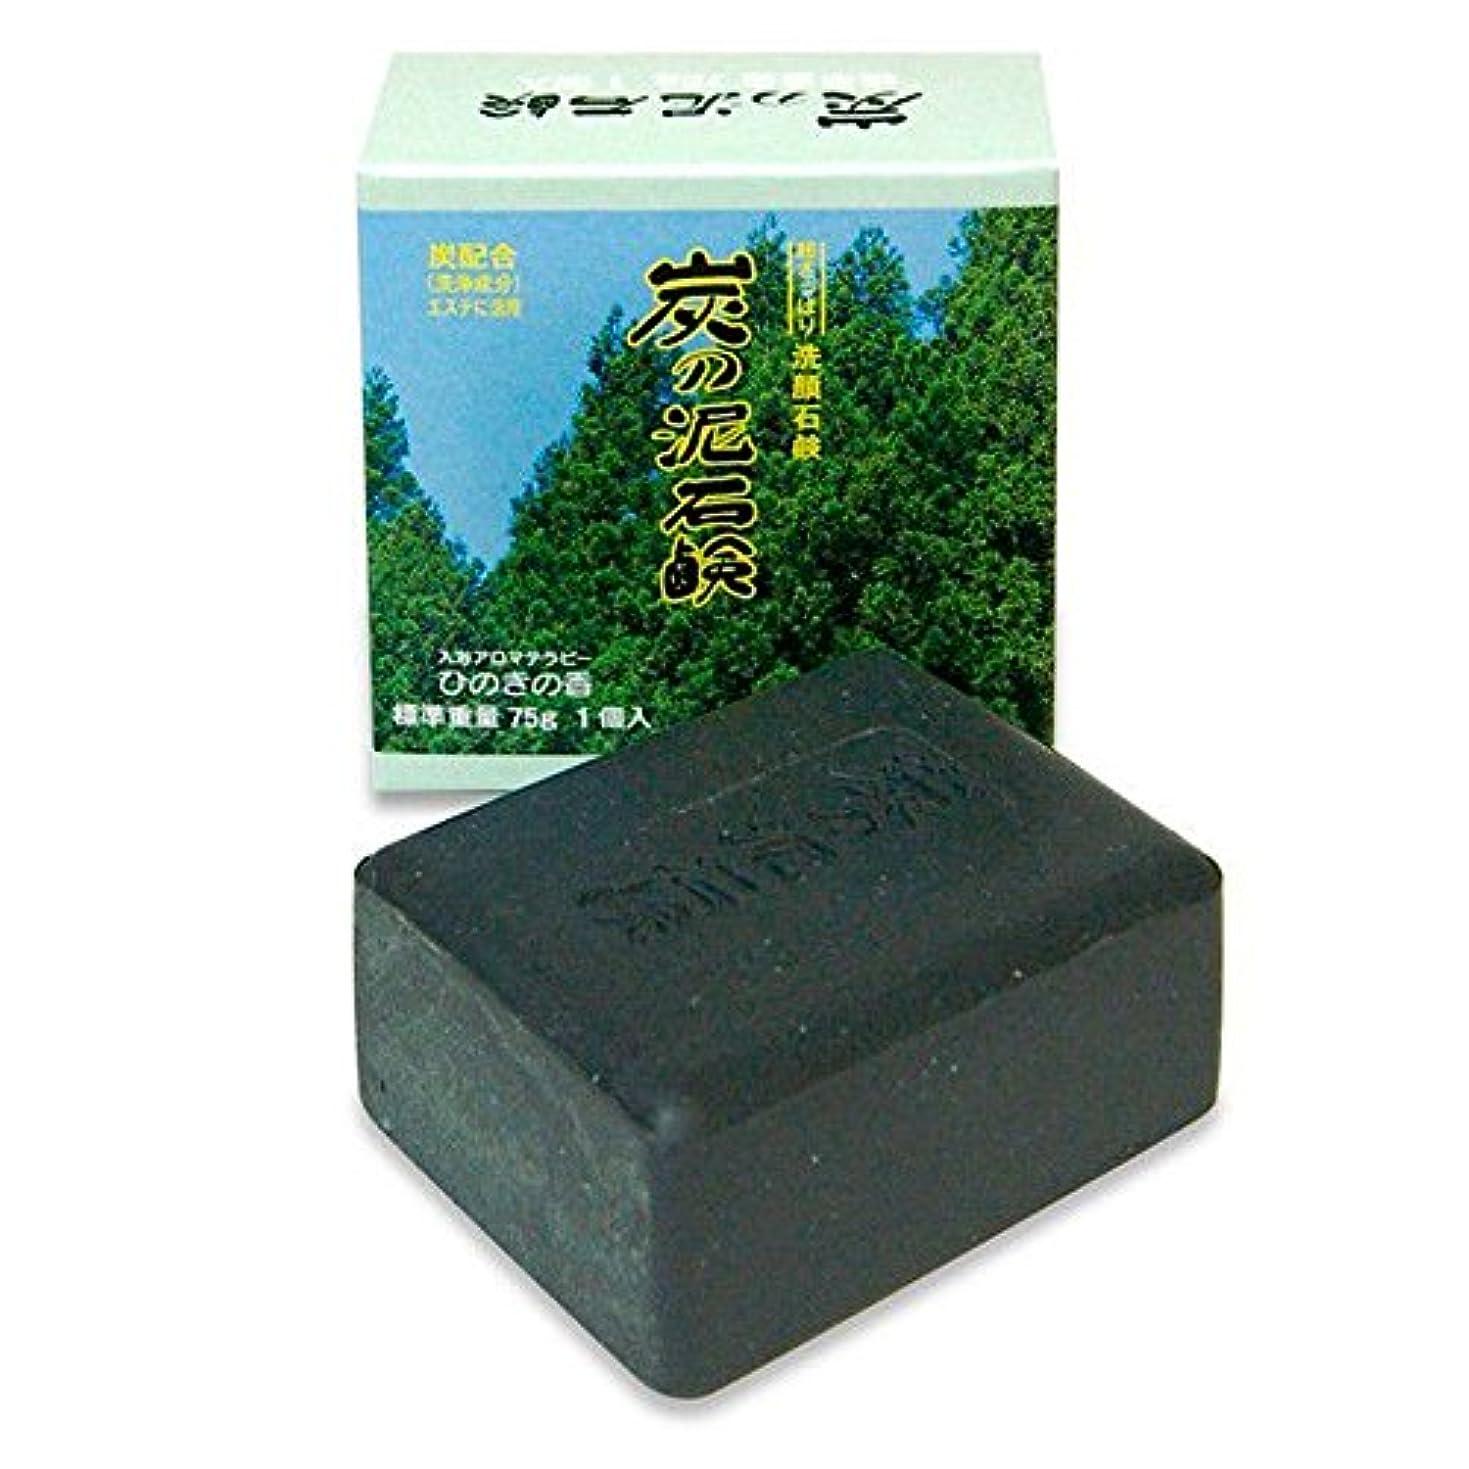 丁寧ワックス祝う炭の泥石鹸 1個入り(入浴アロマテラピー ひのきの香 75g)